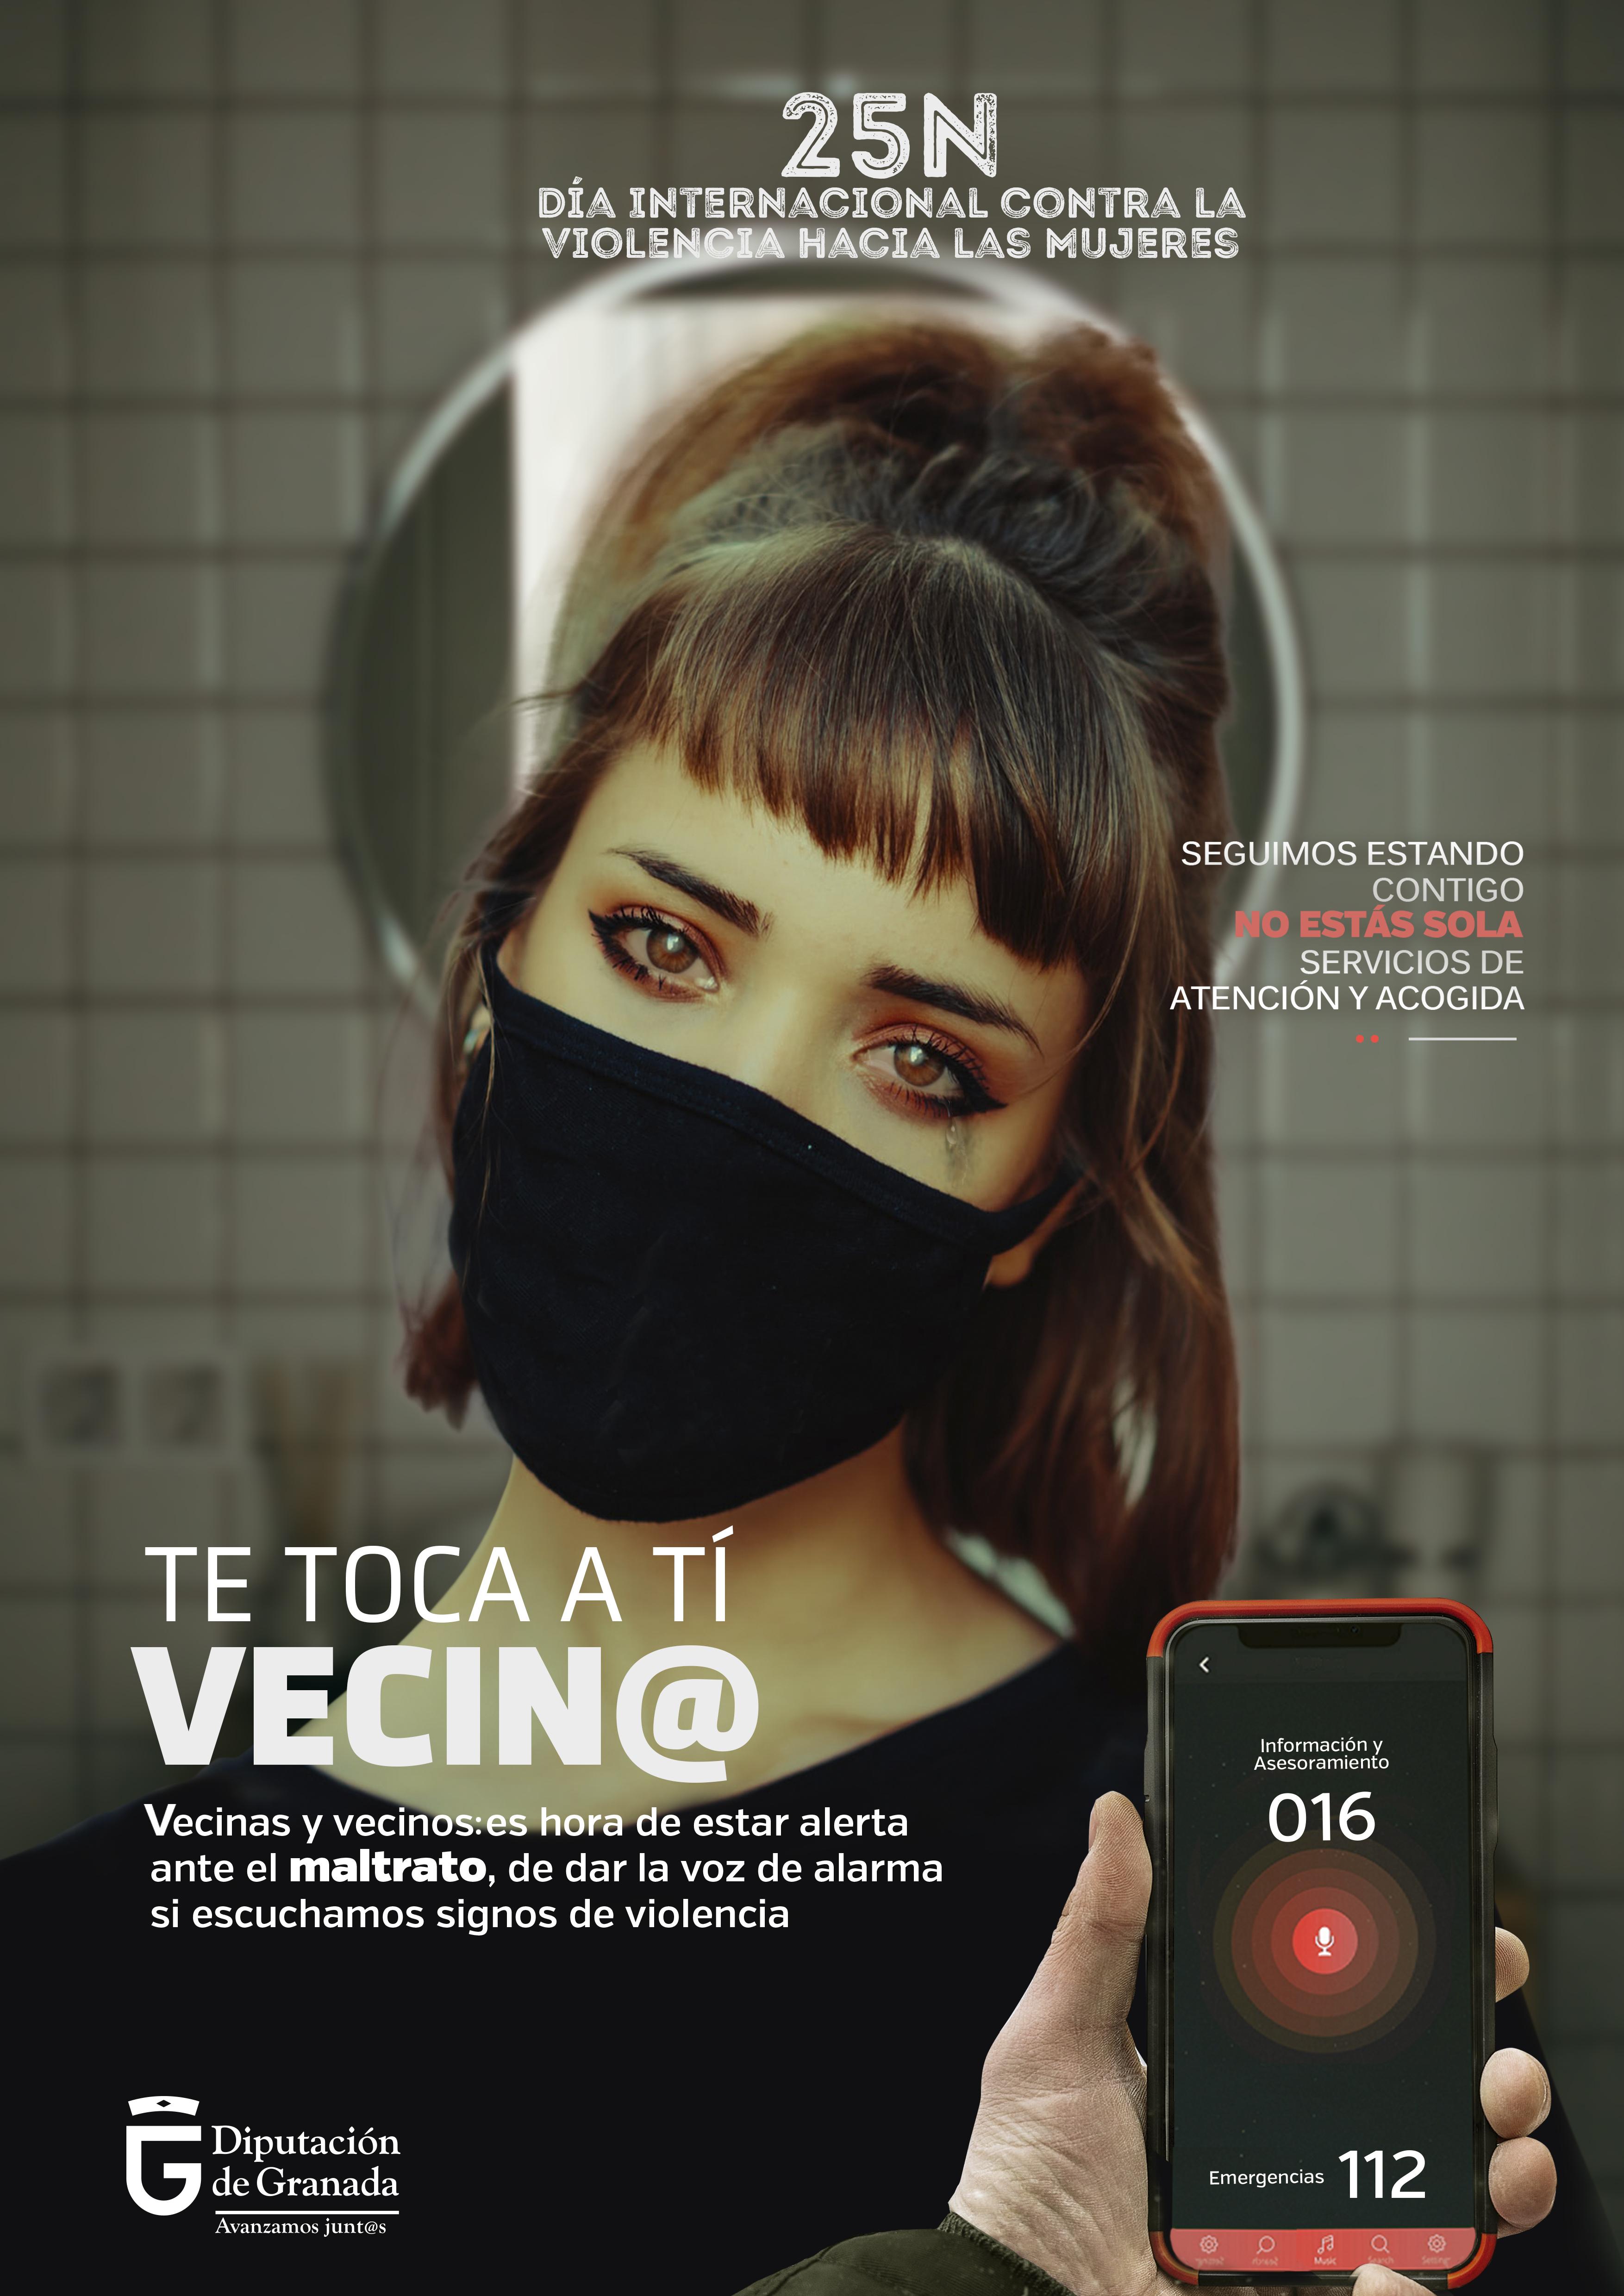 Diputación lanza una campaña para identificar y denunciar la violencia de género con motivo del 25-N